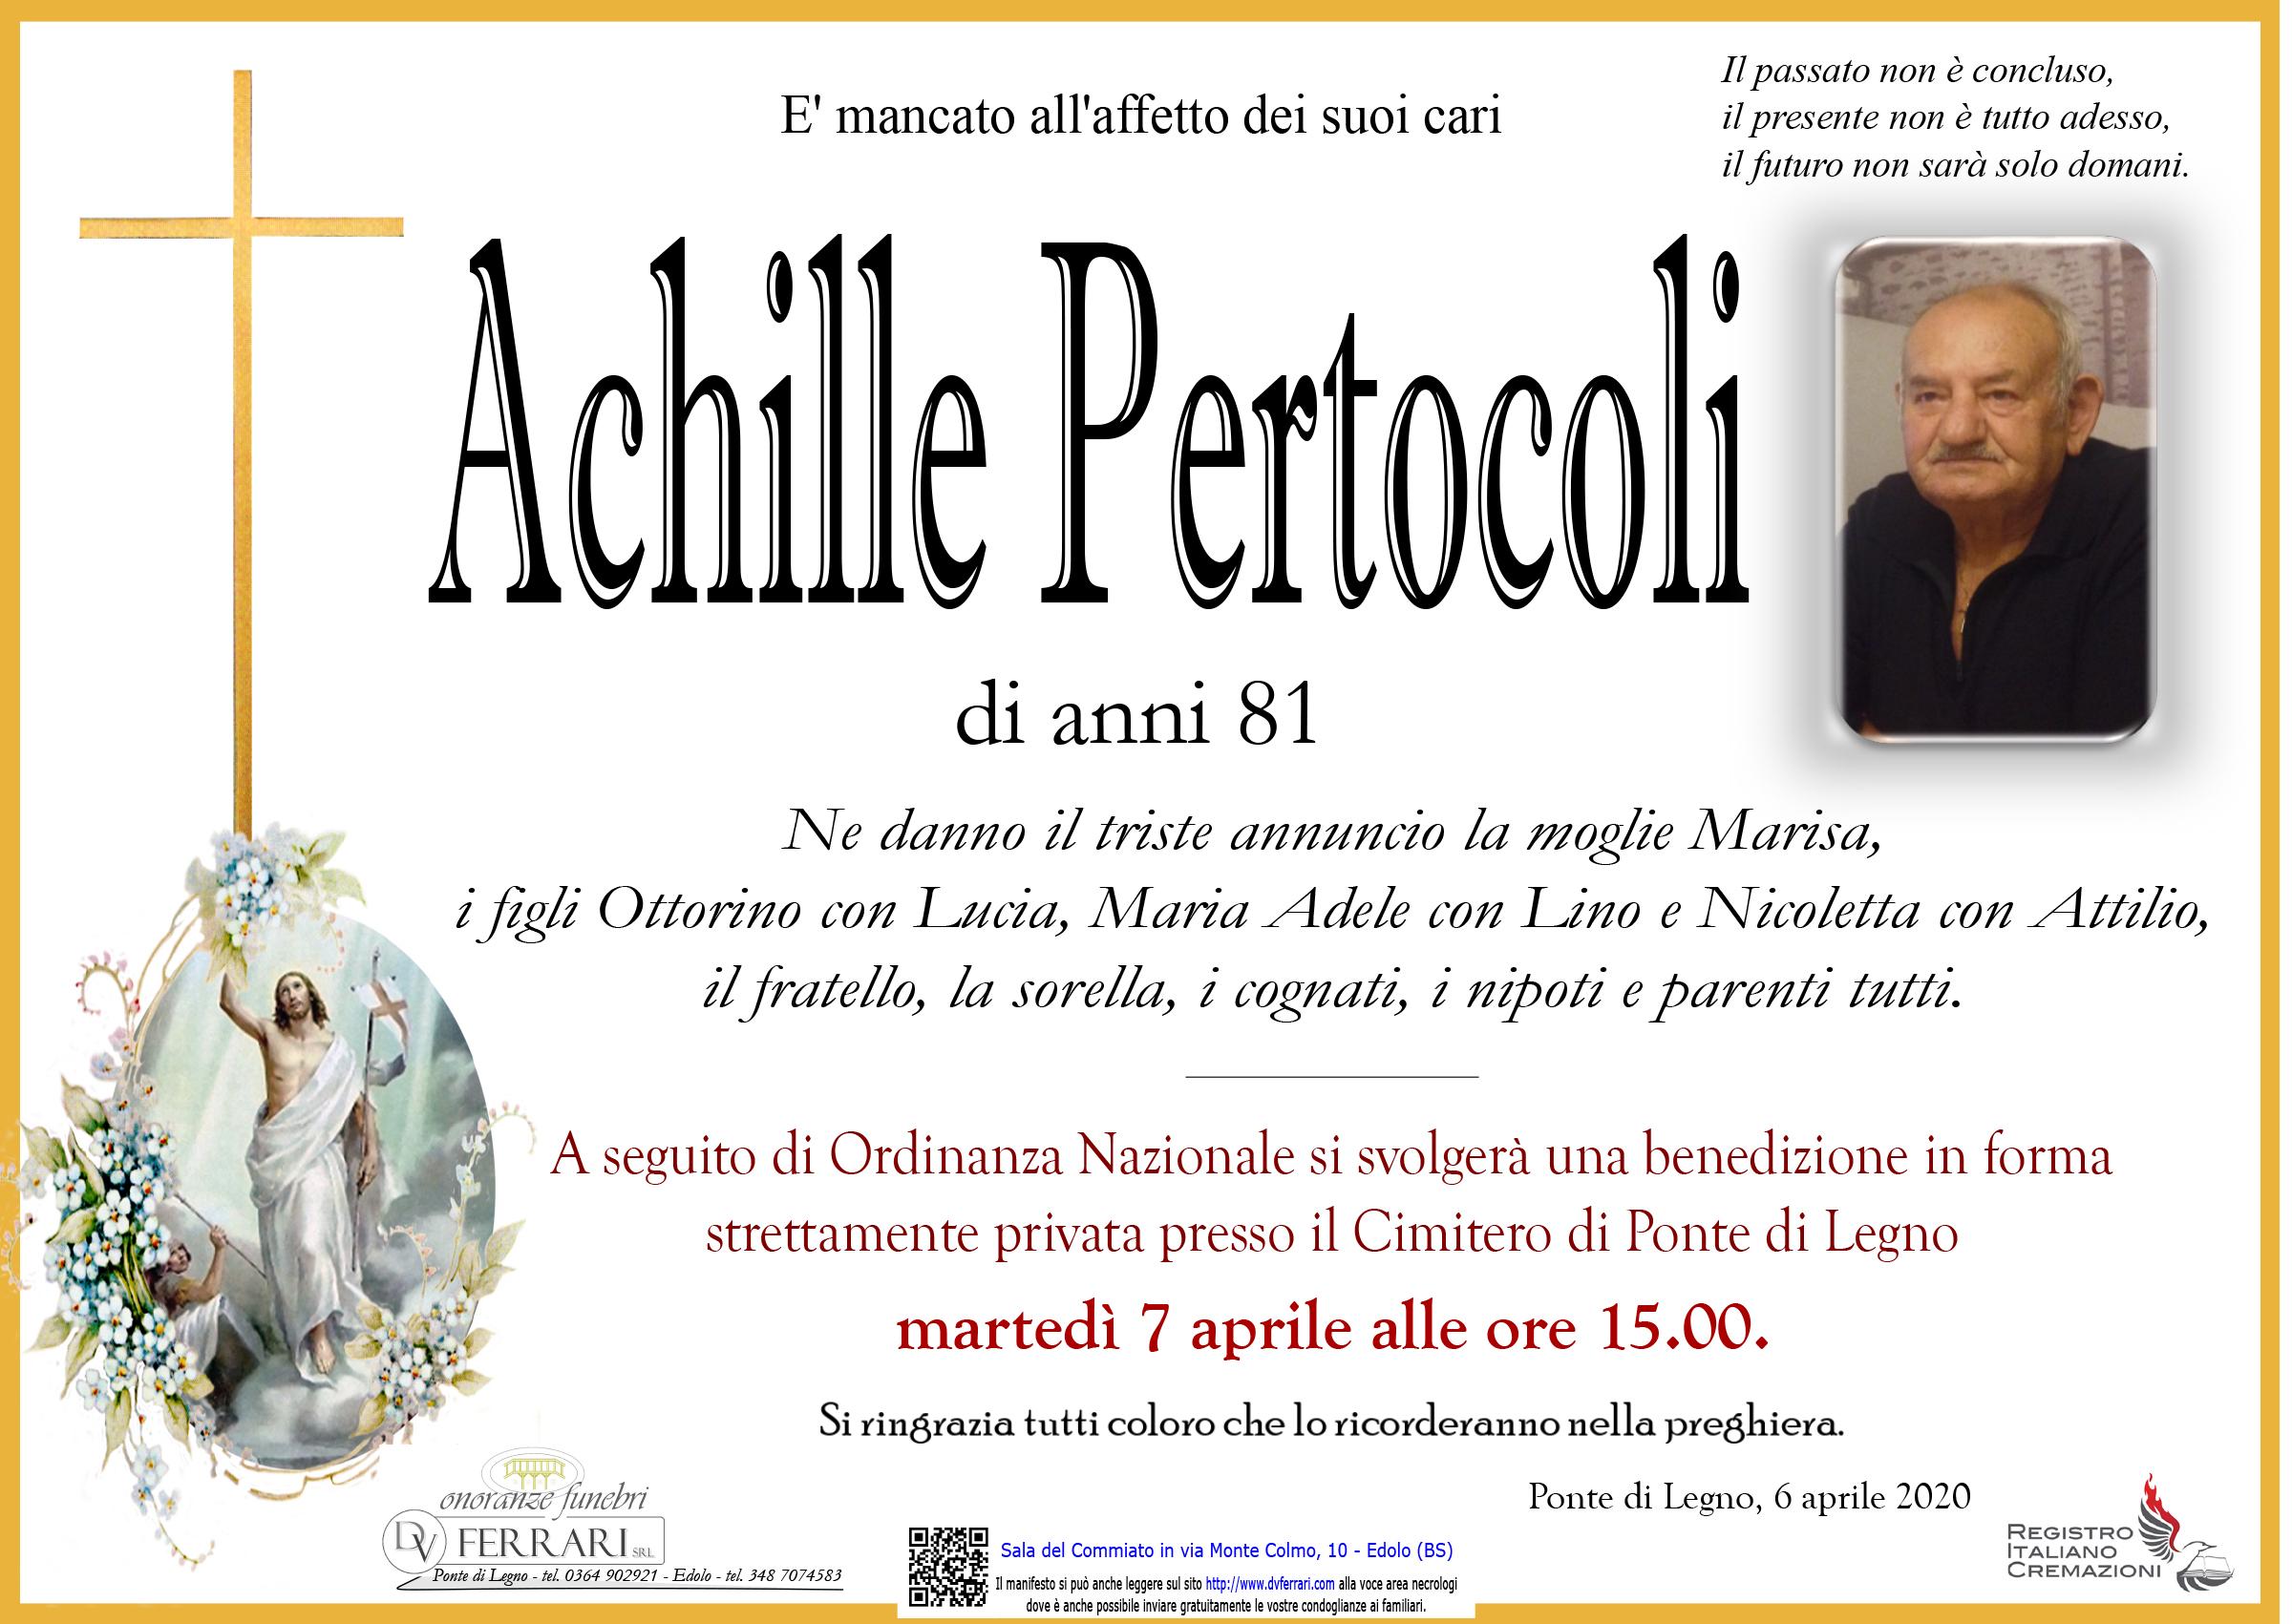 ACHILLE PERTOCOLI - PONTE DI LEGNO